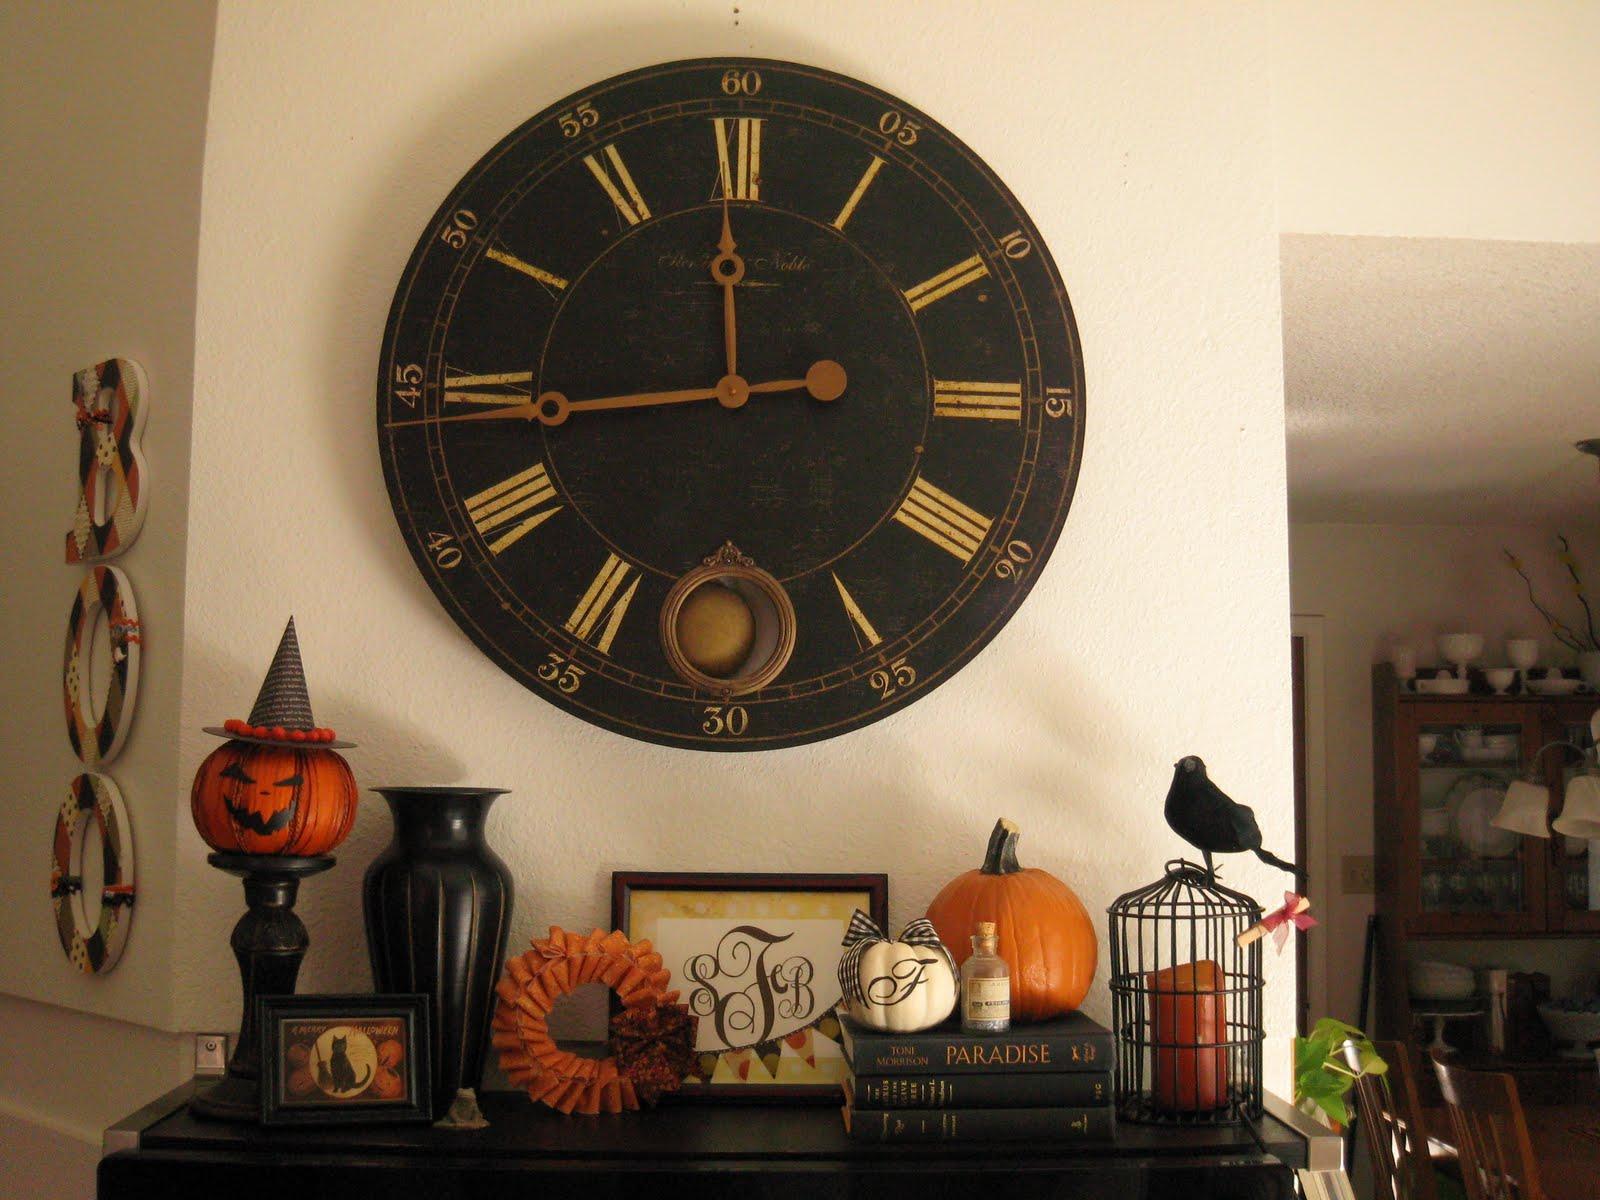 ahsap-buyuk-duvar-saatleri Duvar Saati Dekorasyonda Nasıl Kullanılır